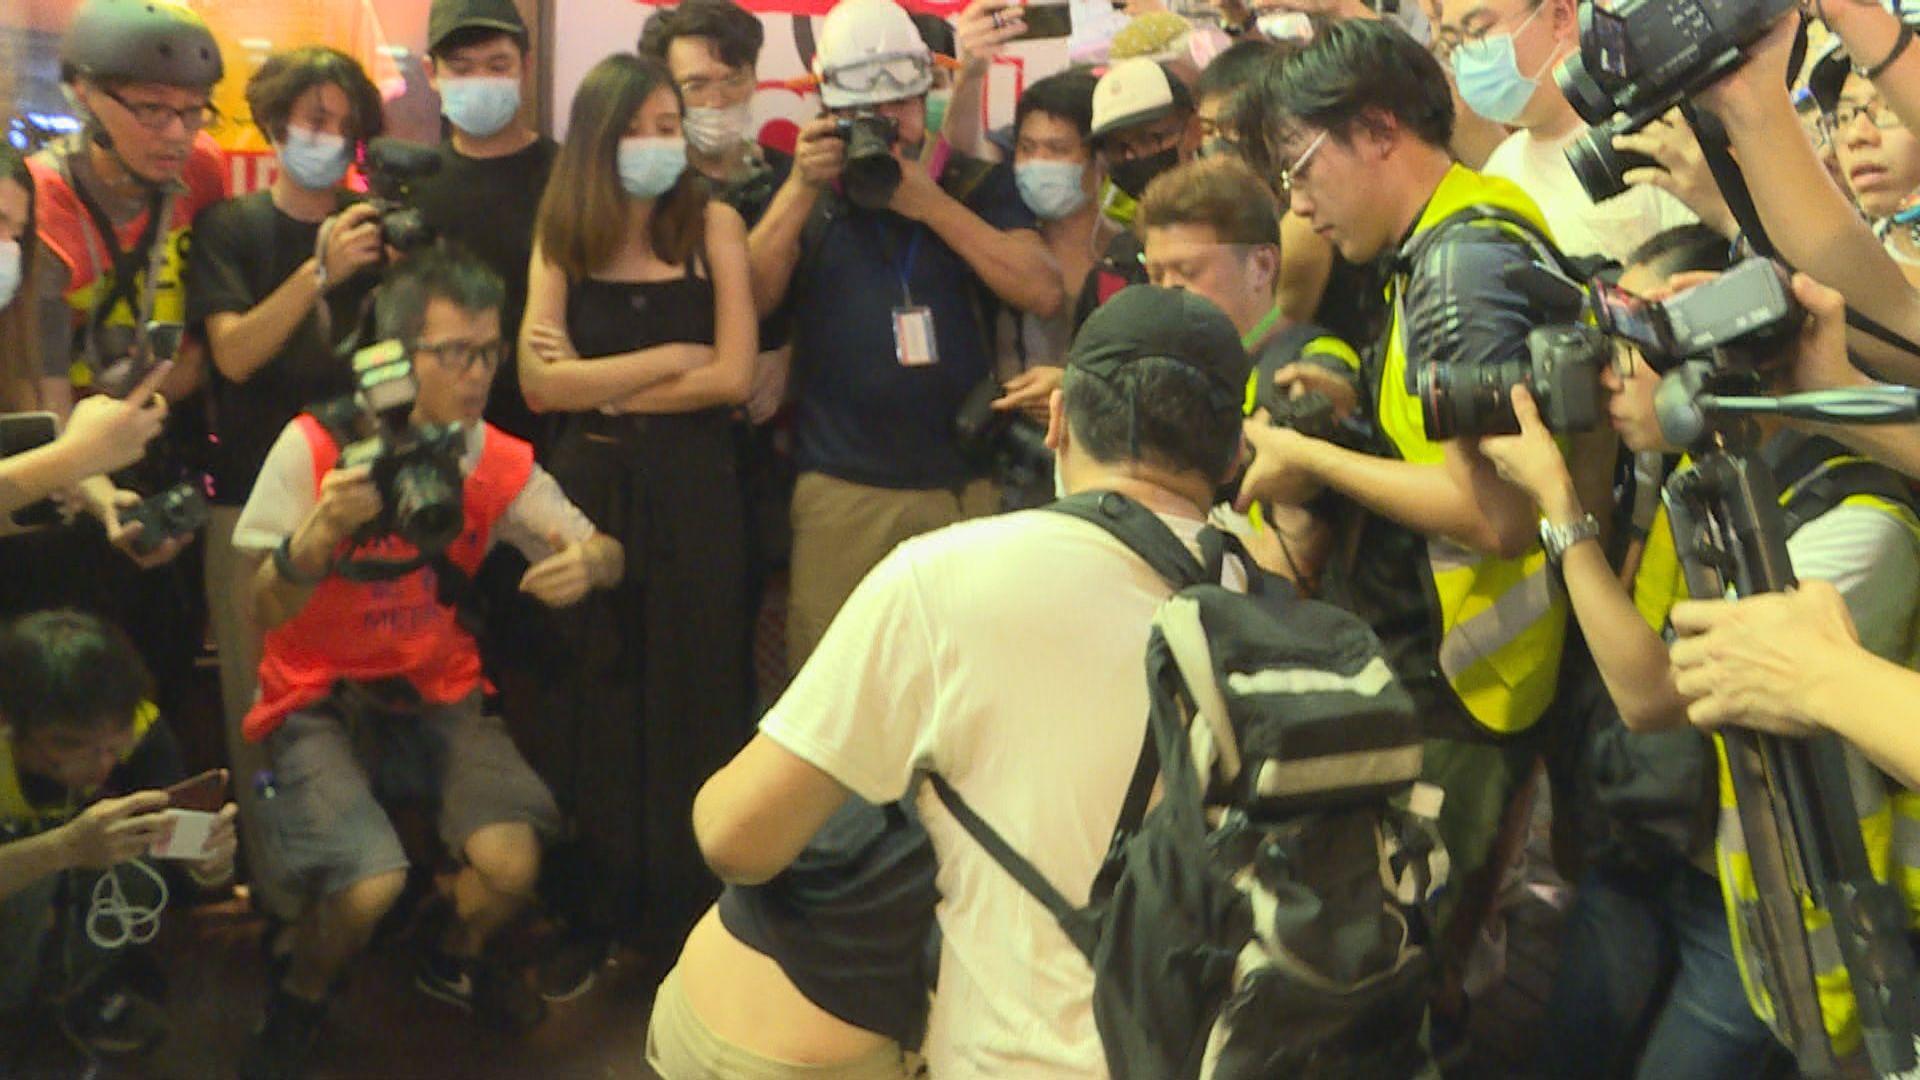 三人反修例示威期間非法禁錮及非禮一女子判囚